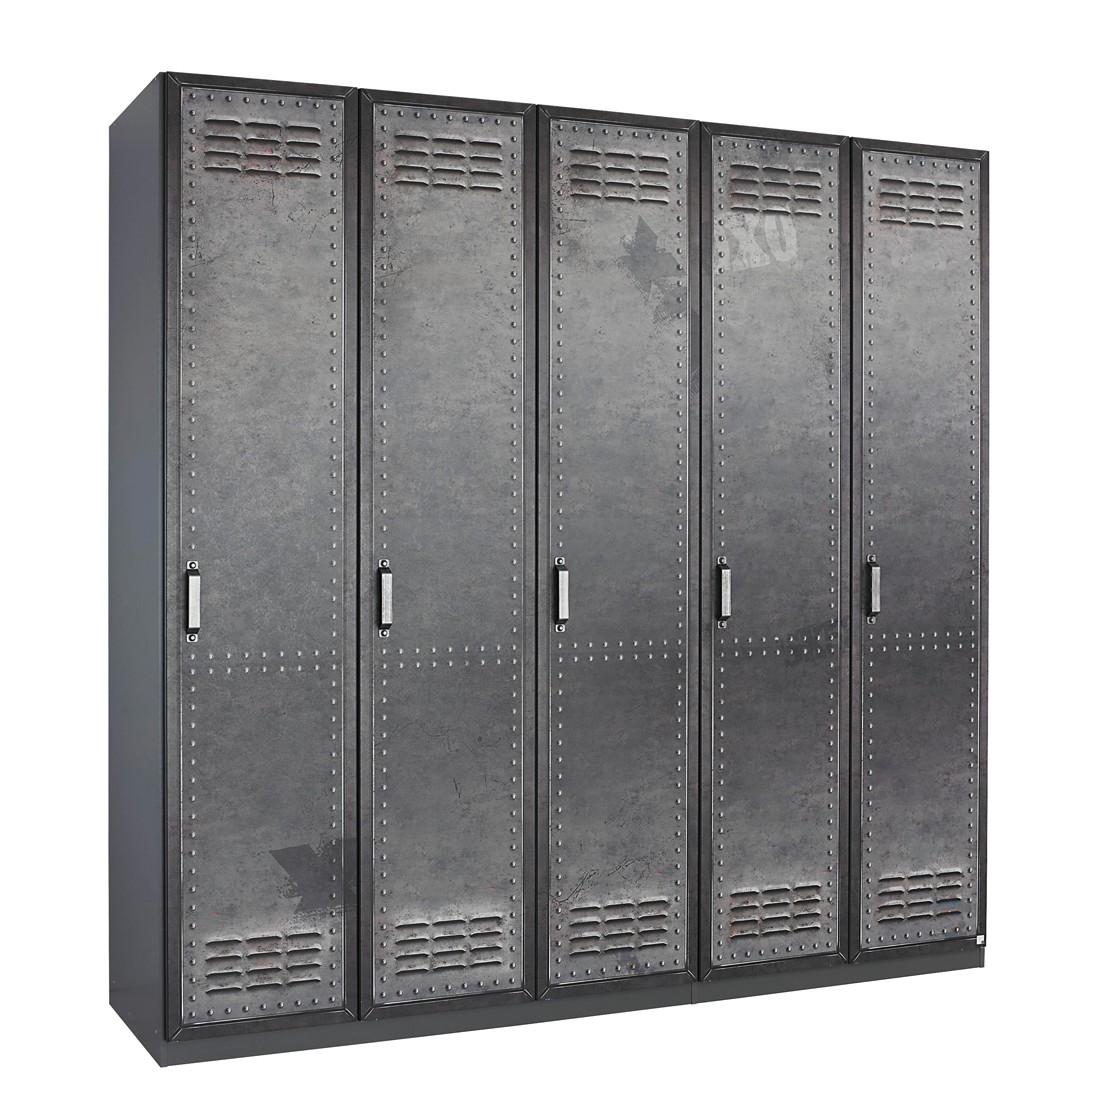 goedkoop Draaideurkast Workbase industrial print look grafietkleurig 95cm 2 deurs scharnieren rechts Rauch Select